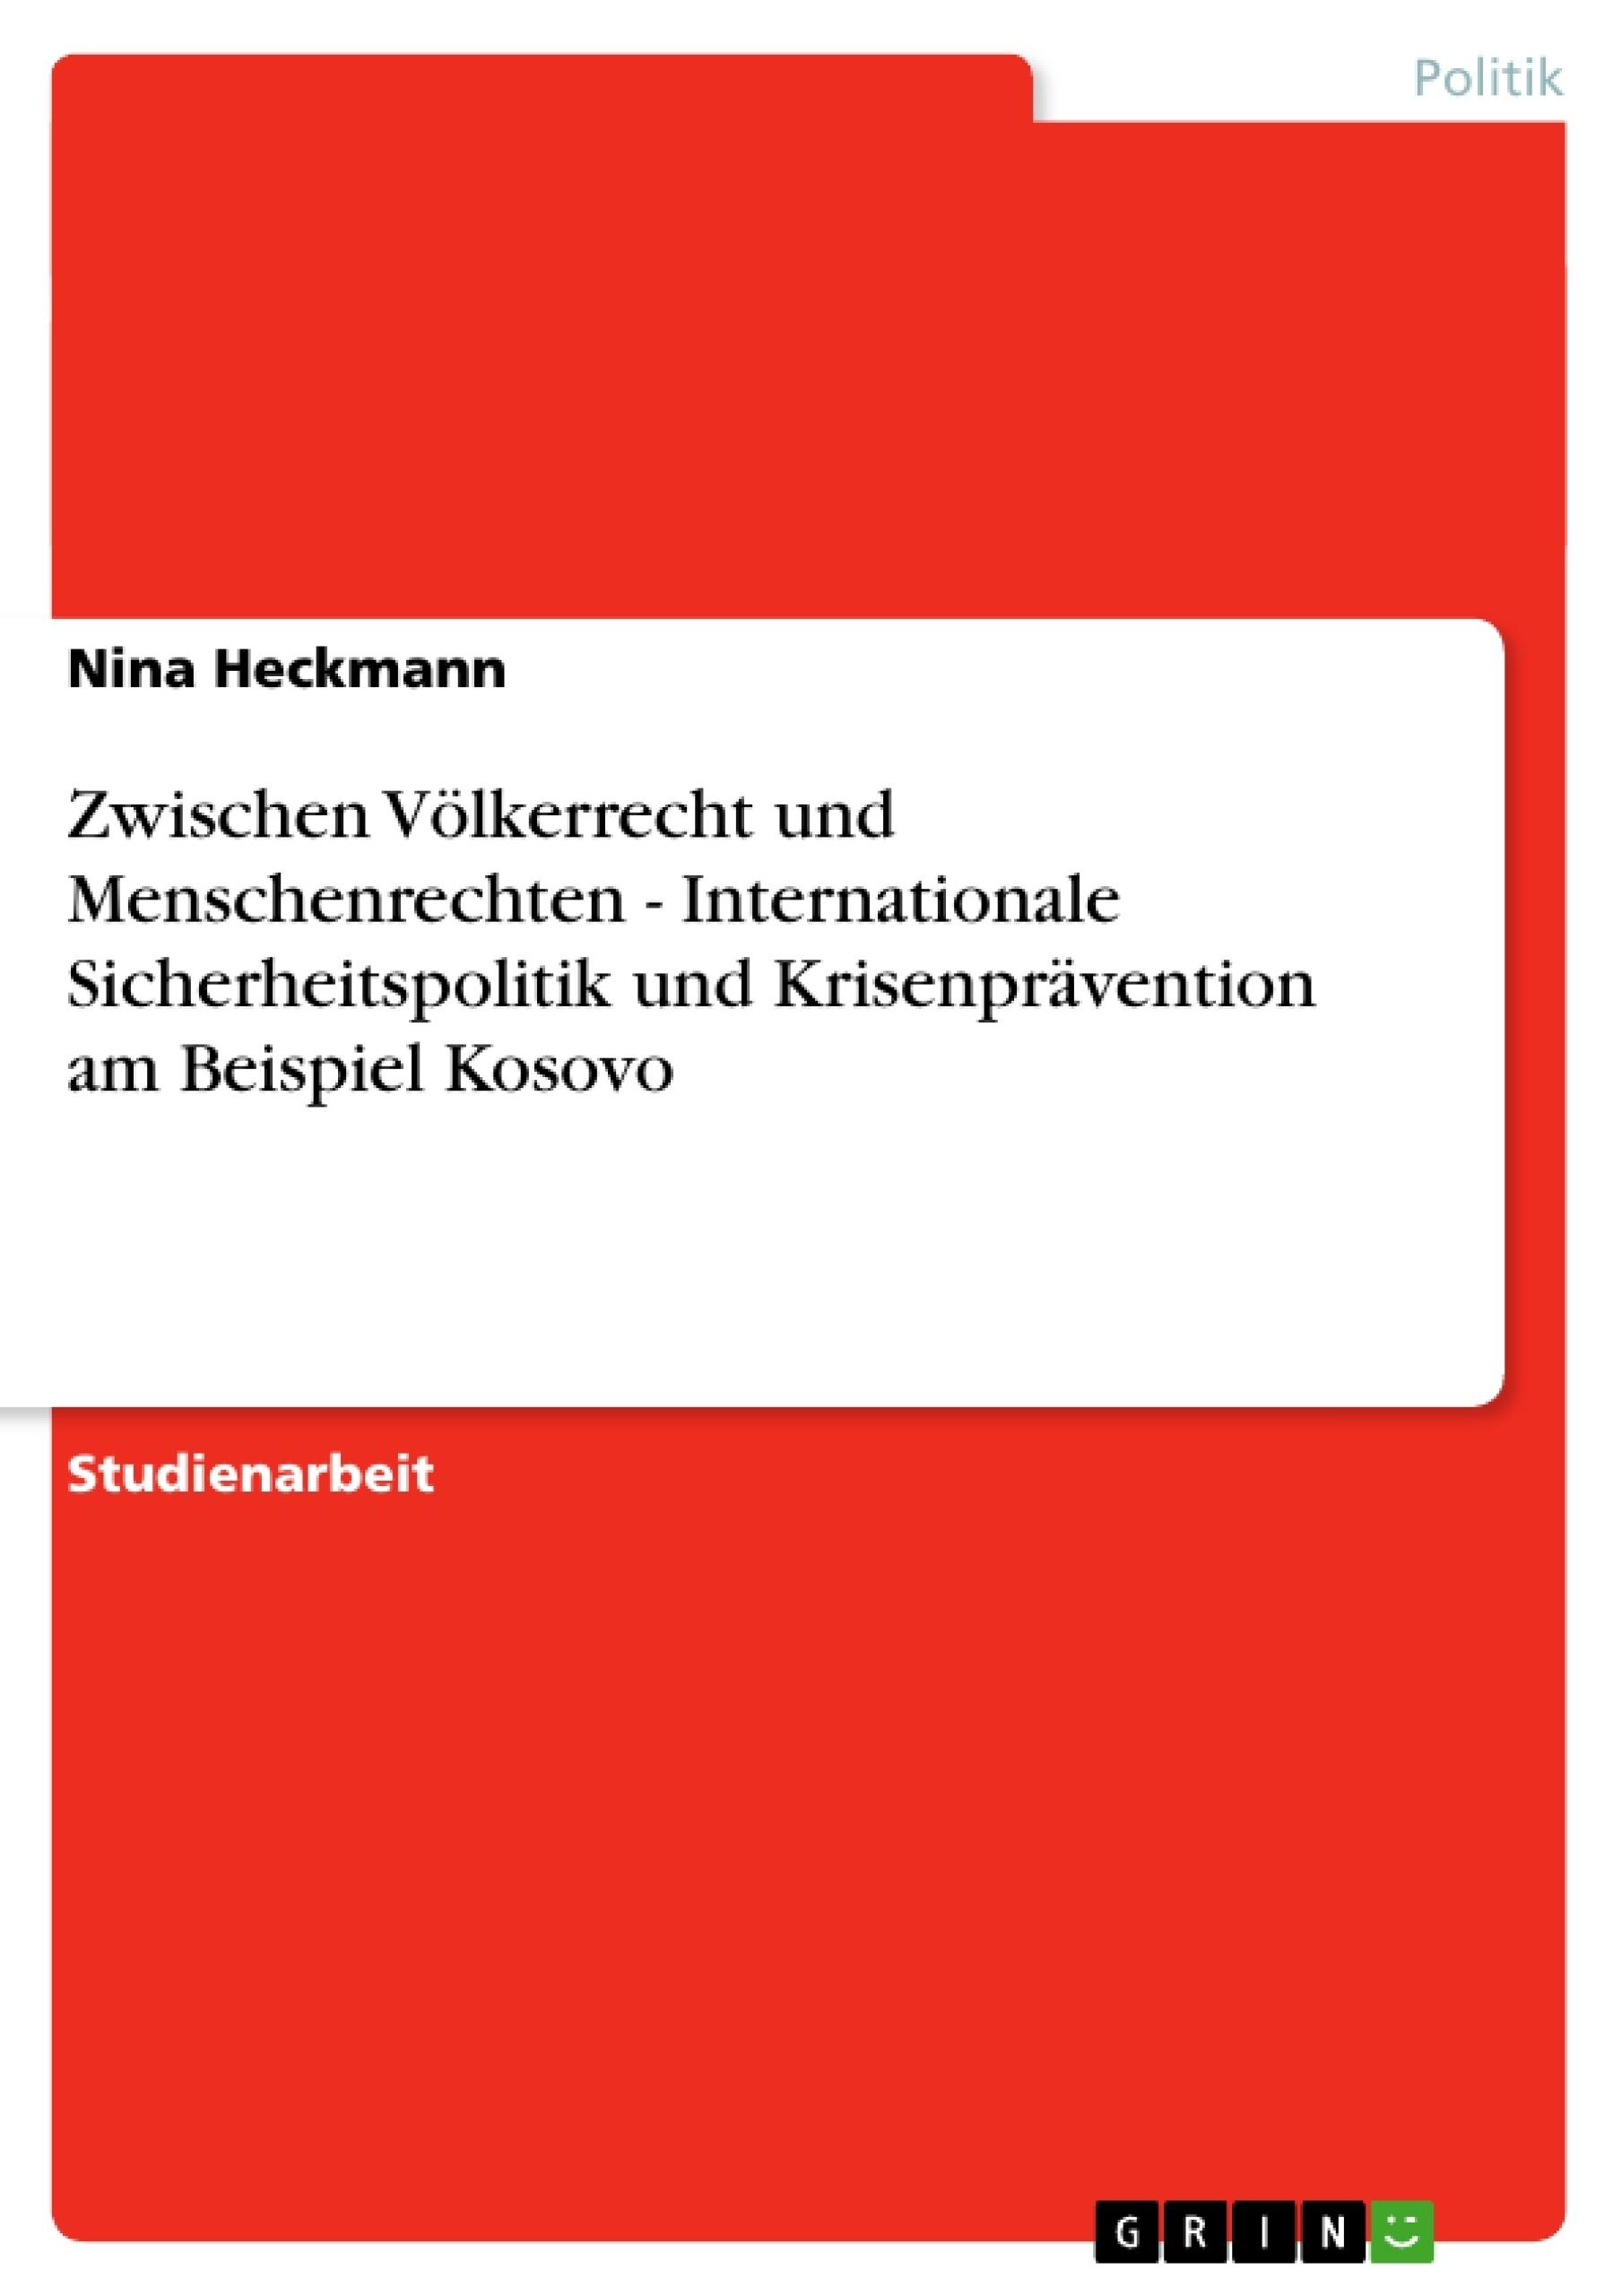 Titel: Zwischen Völkerrecht und Menschenrechten - Internationale Sicherheitspolitik und Krisenprävention am Beispiel Kosovo